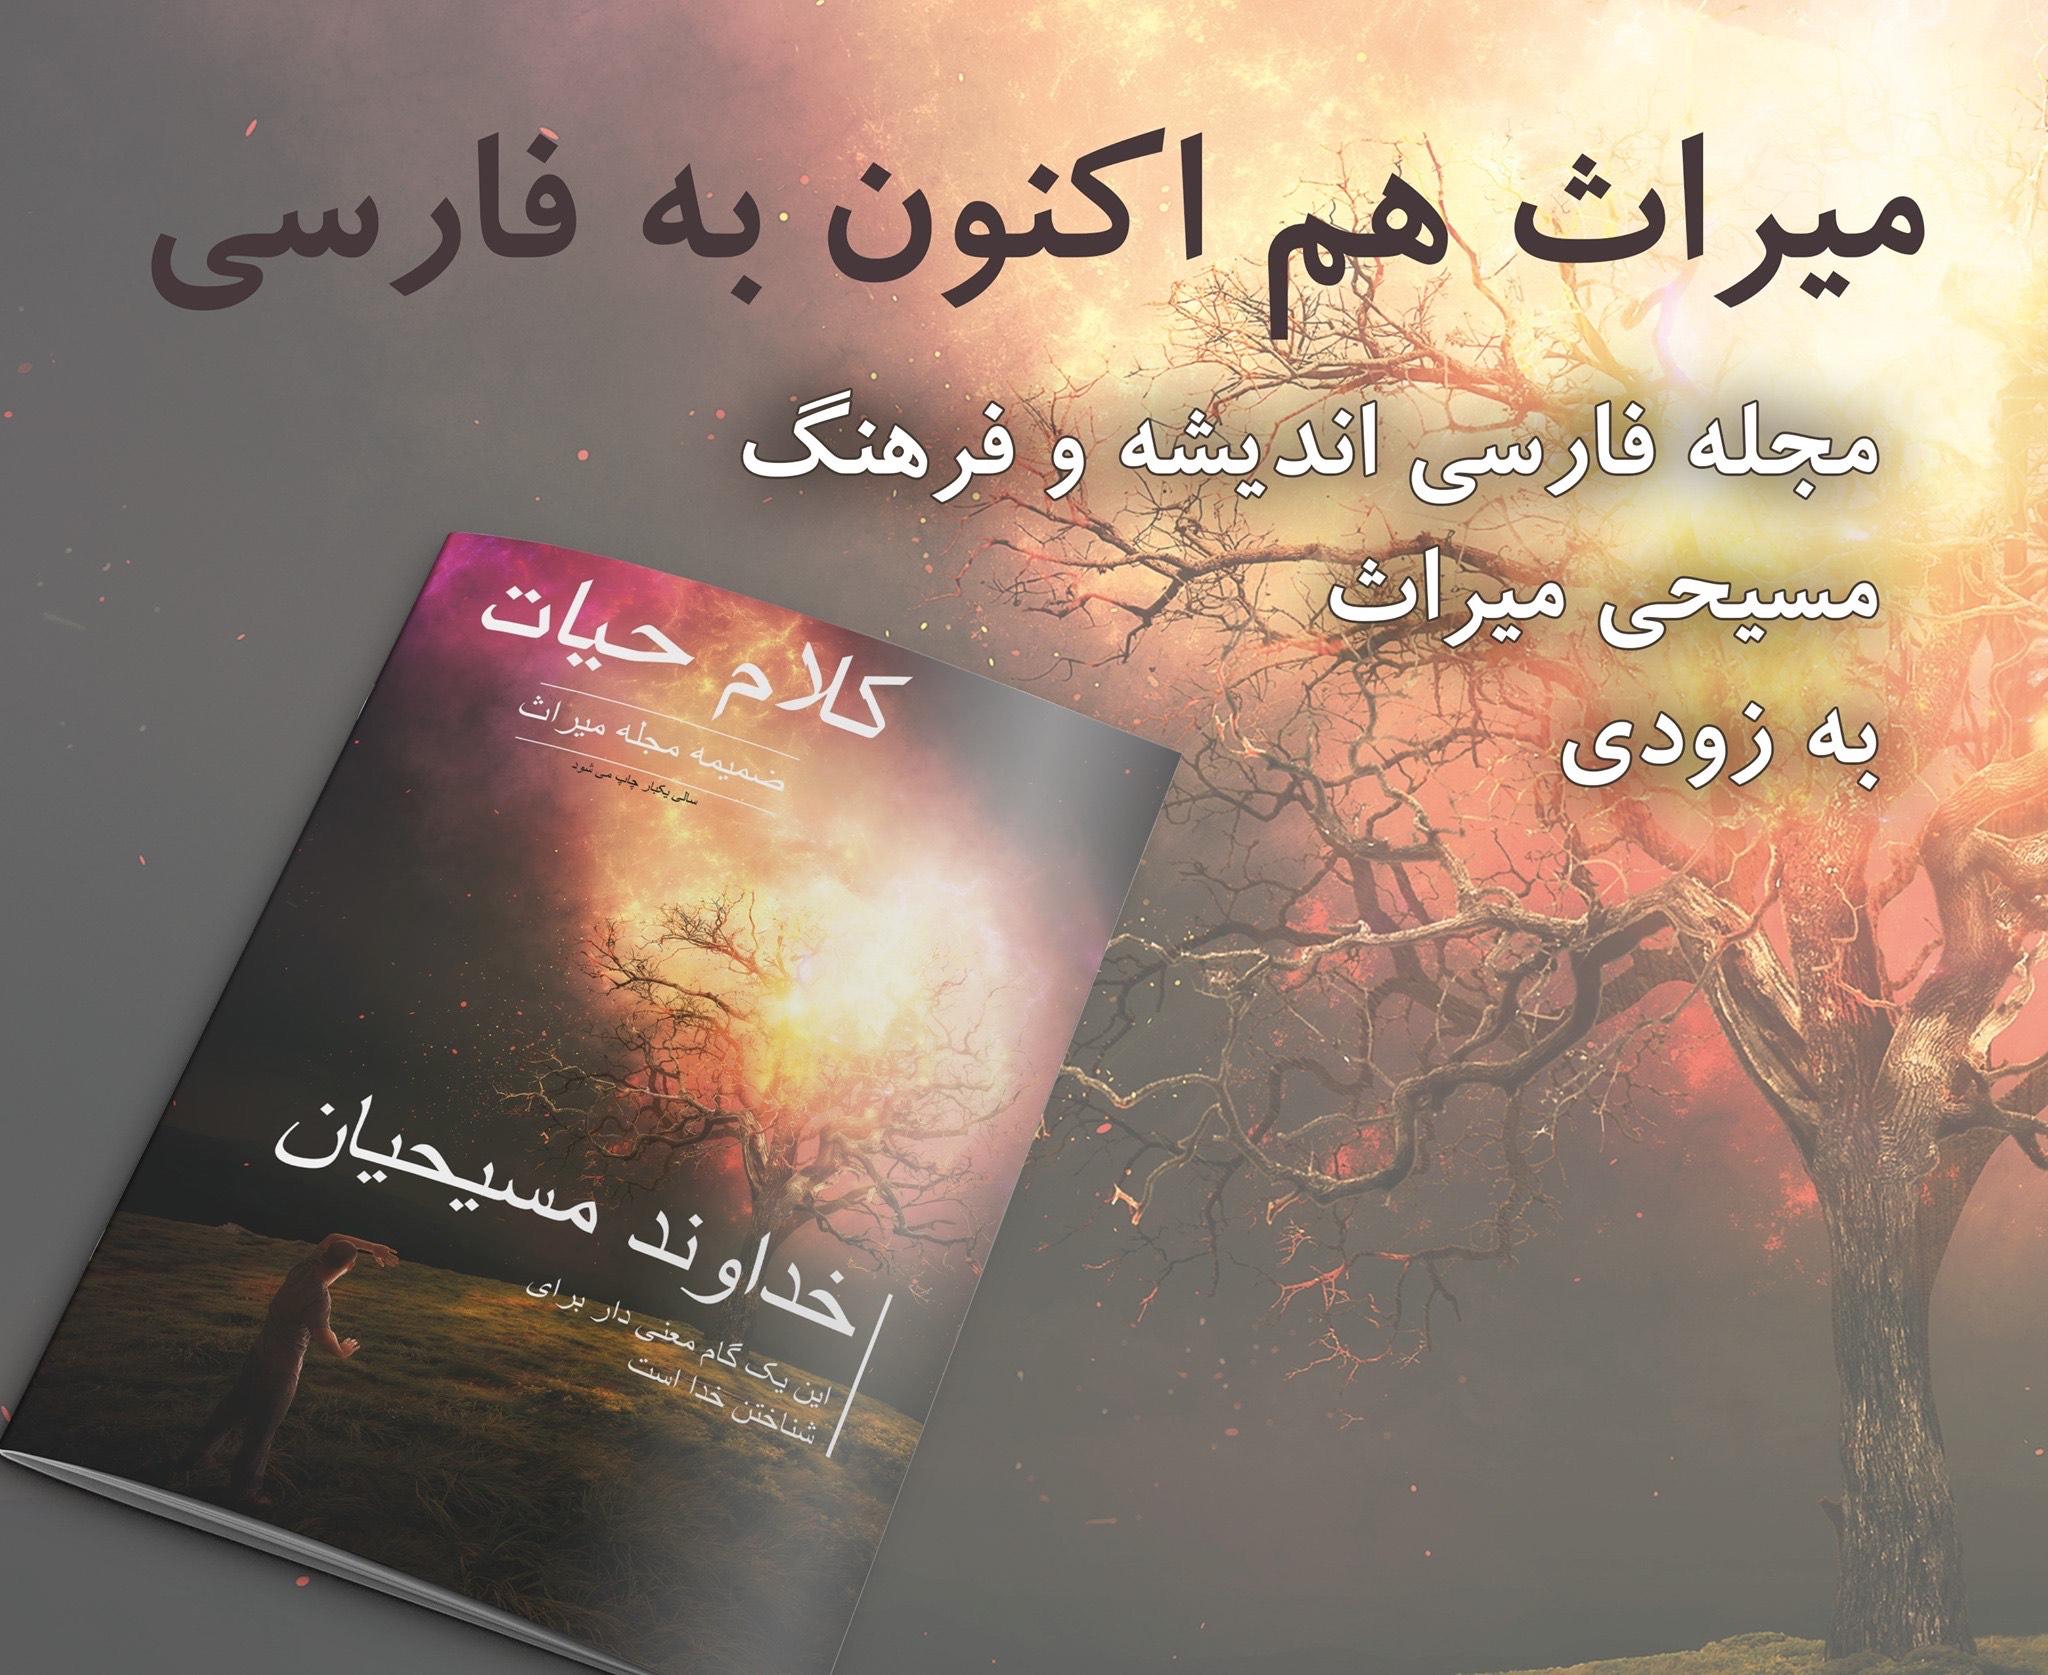 Iranians